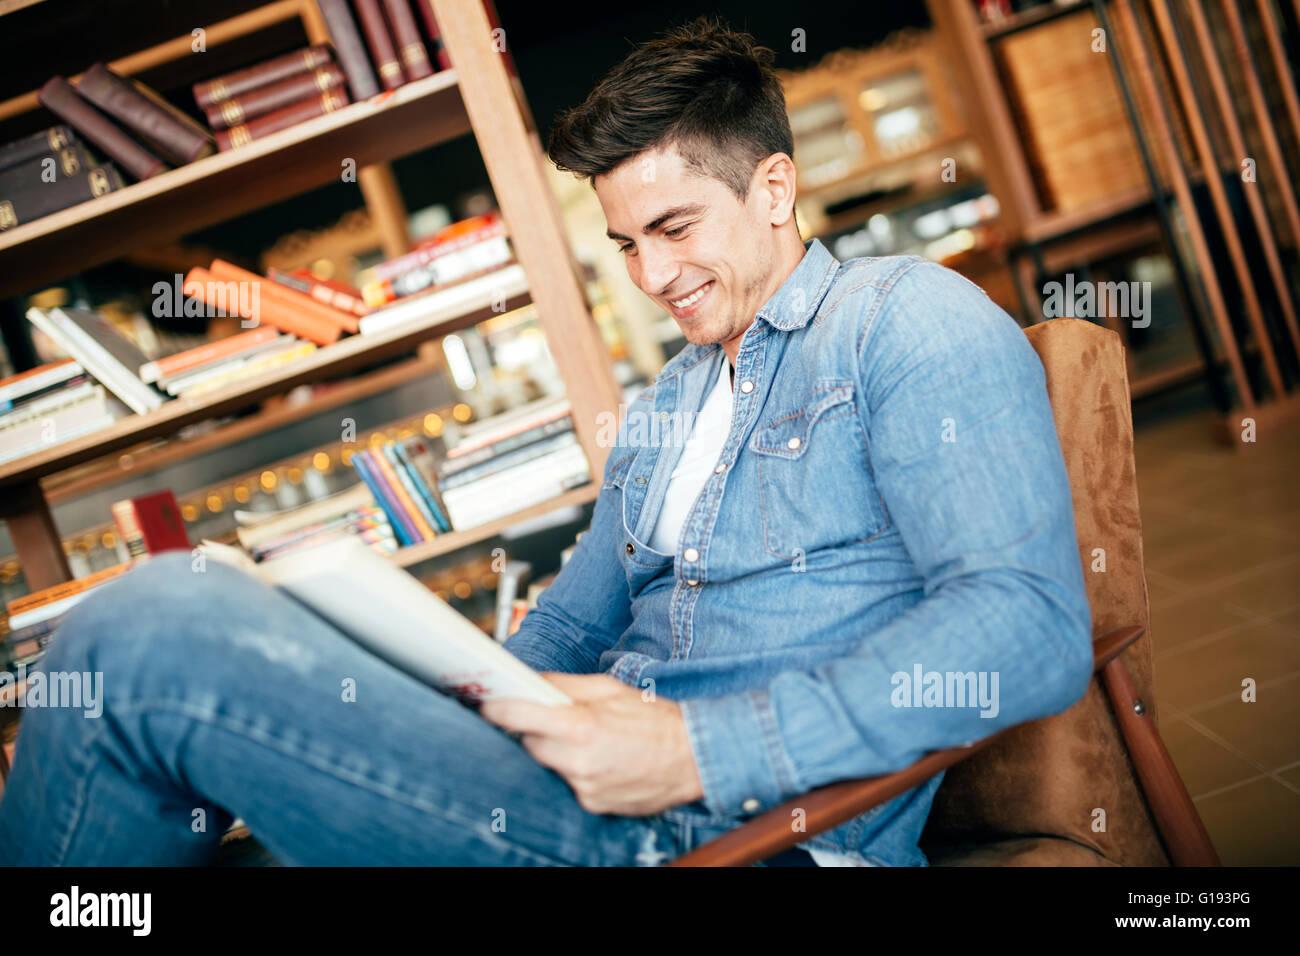 Gut aussehender Mann studieren von Büchern und Prüfung vorbereiten Stockbild